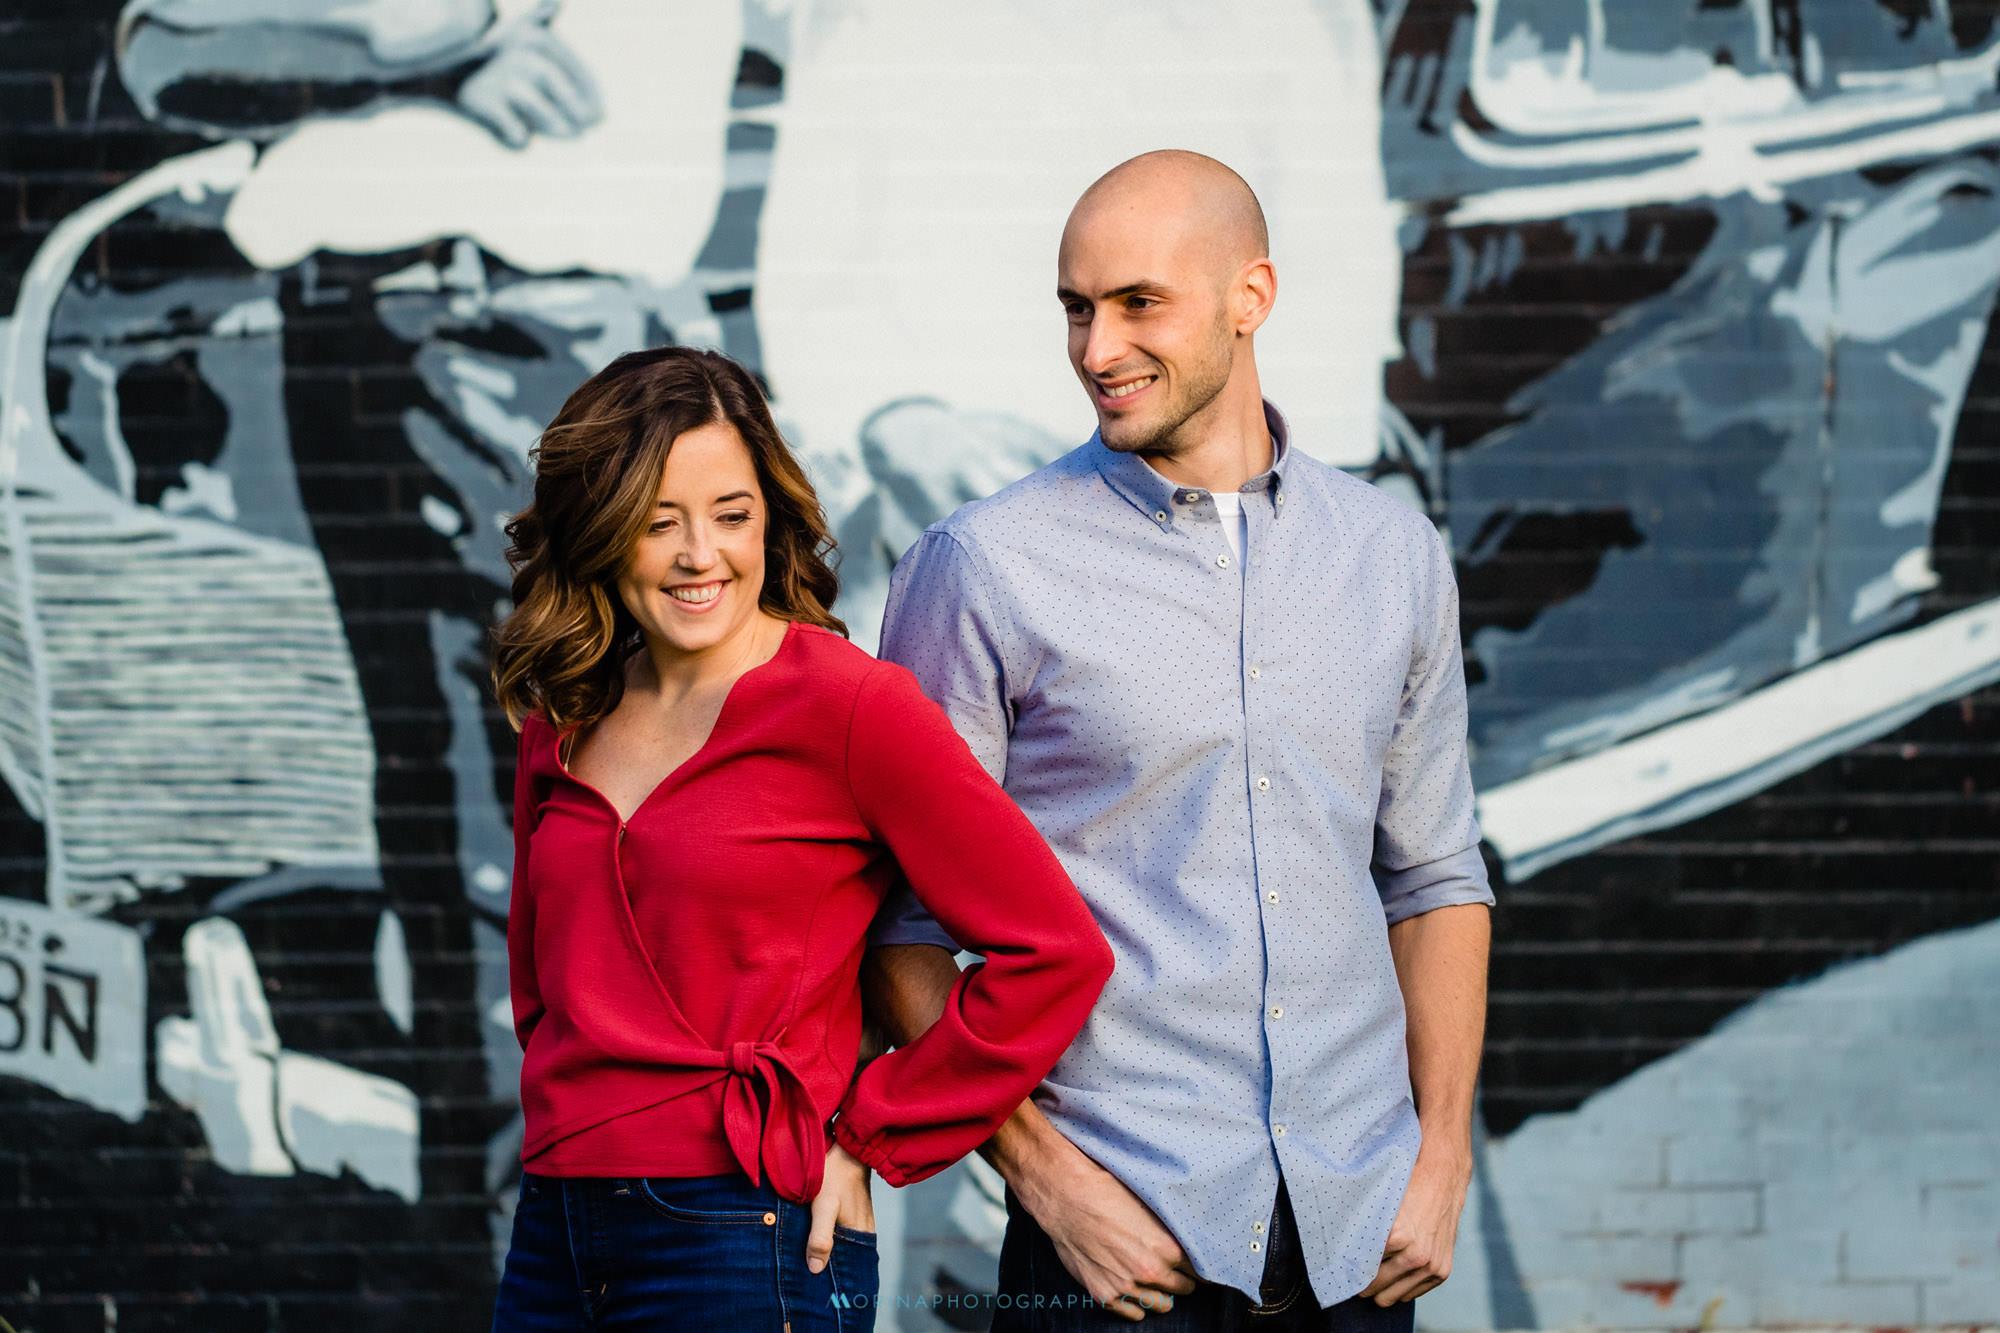 Elizabeth & Vincent Engagement at Italian Market 0006.jpg